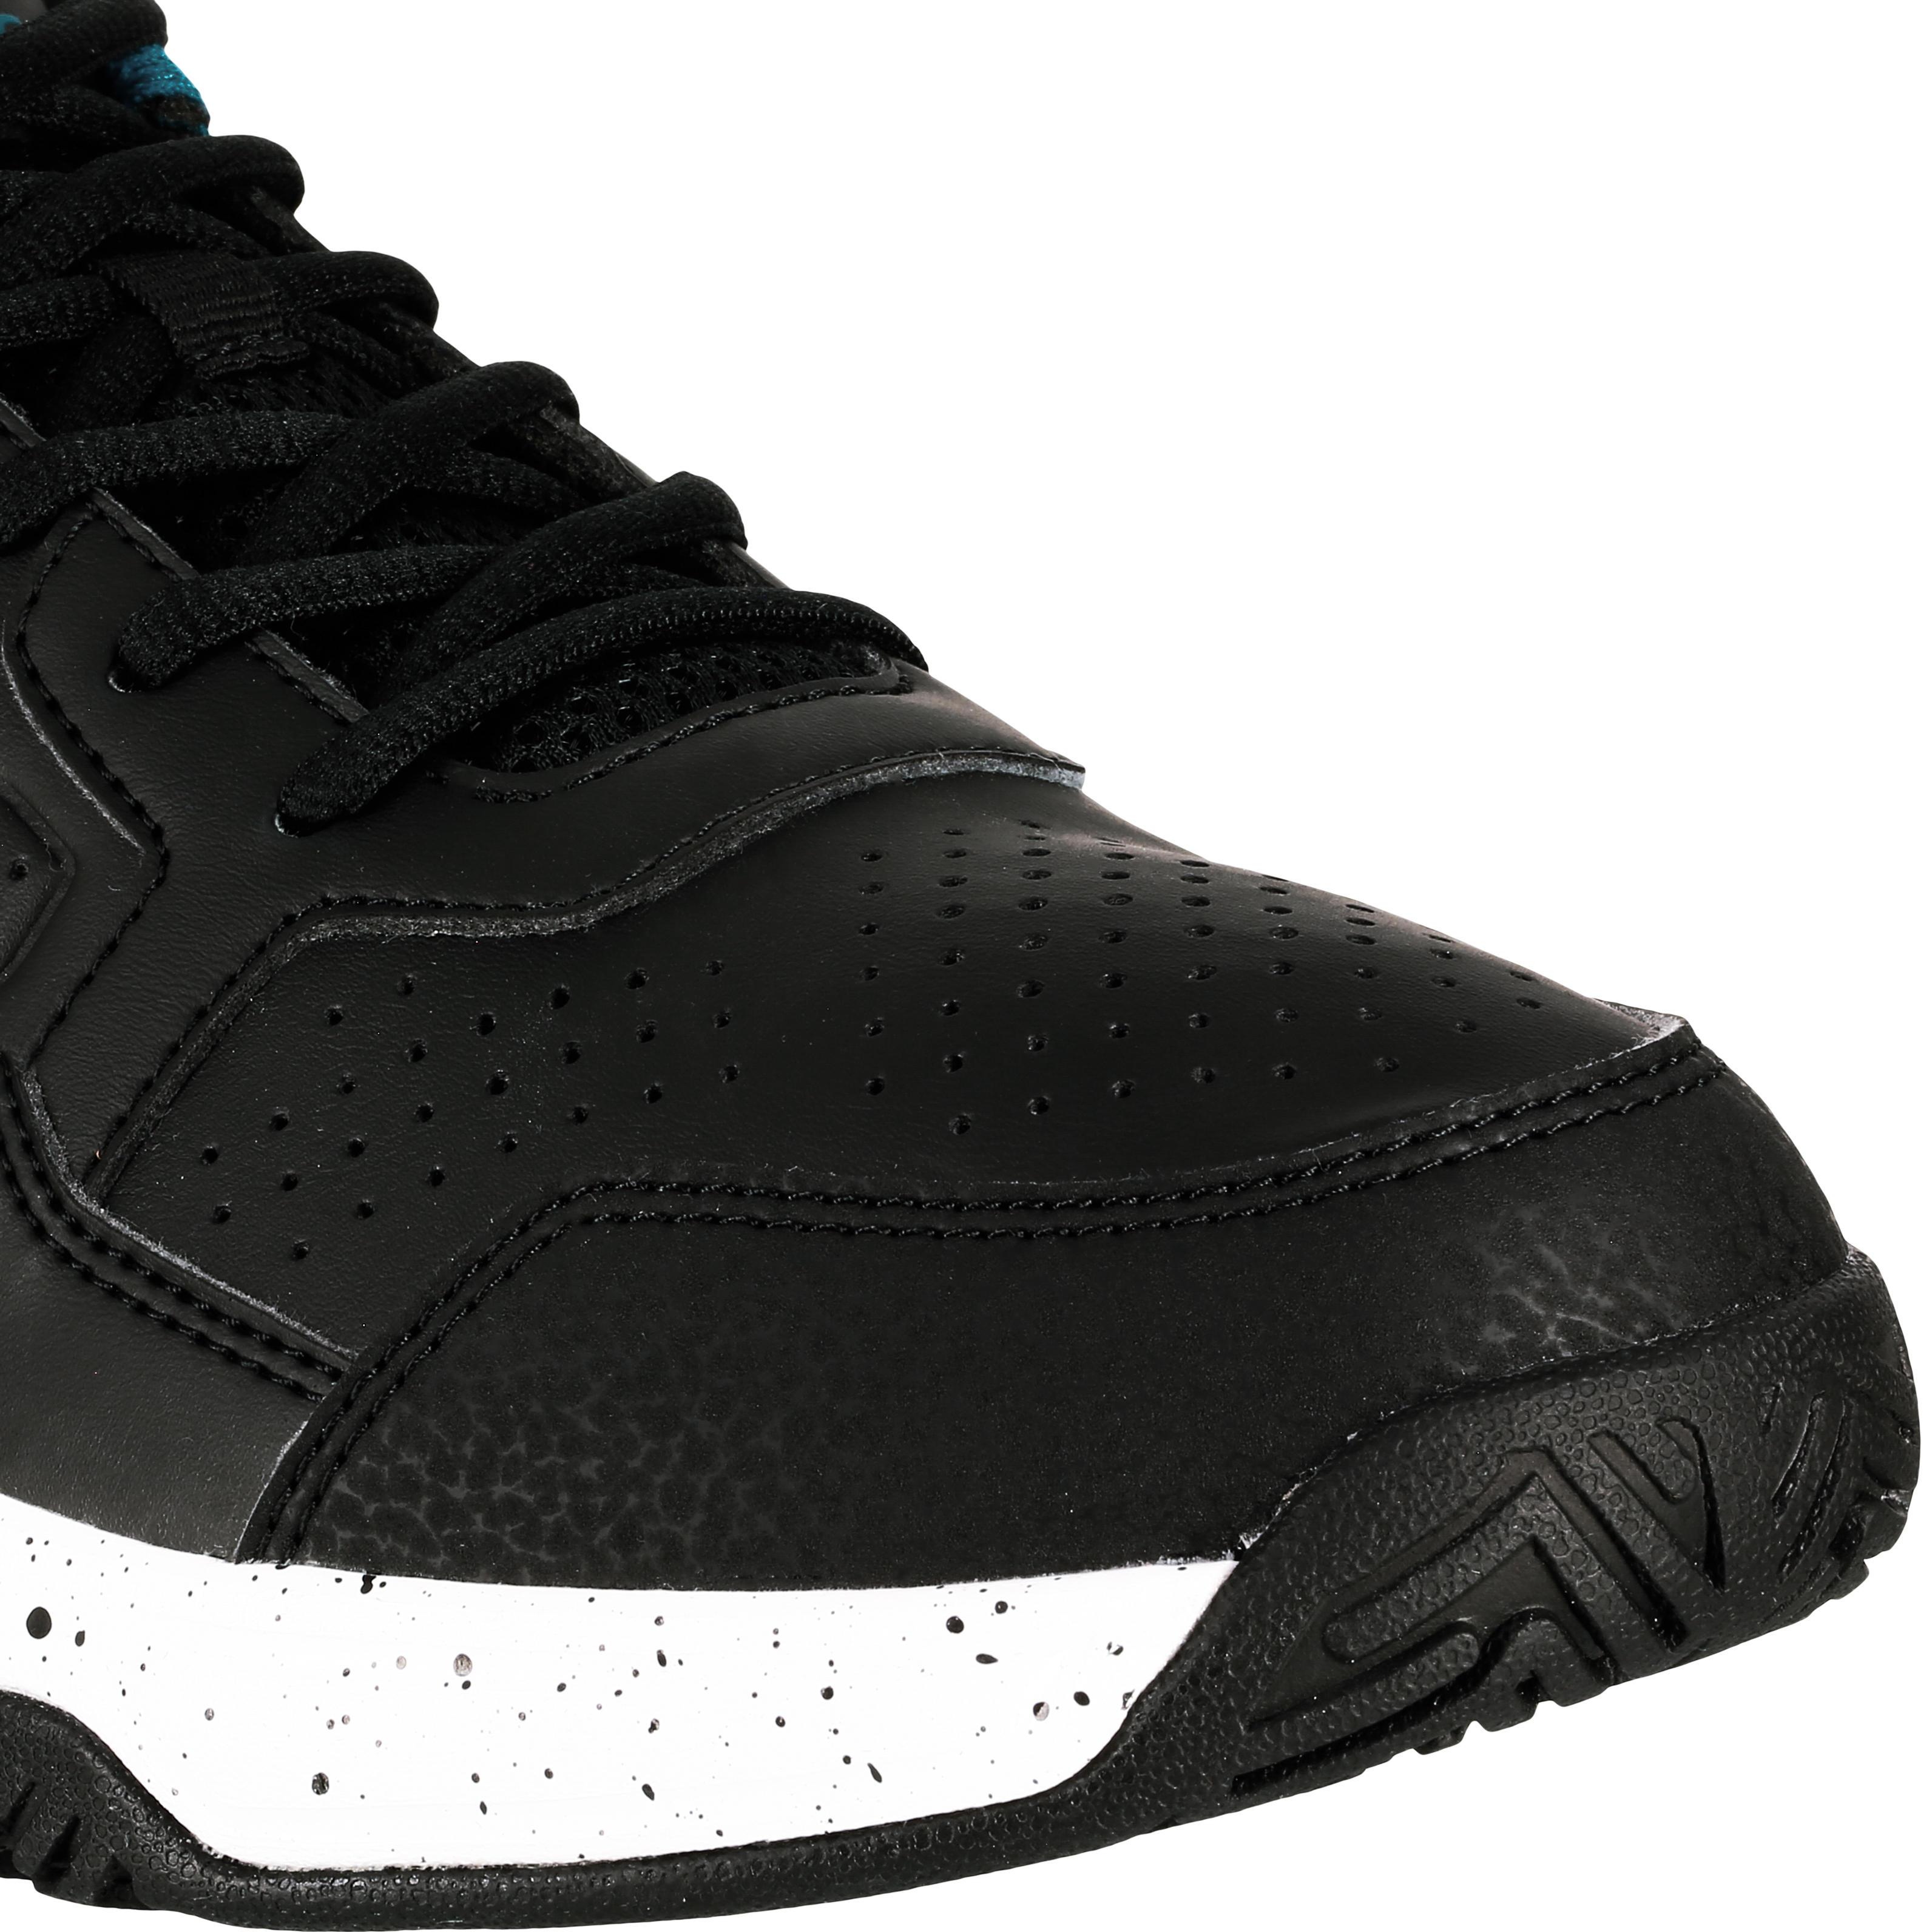 TS190 Multicourt Tennis Shoes - Black